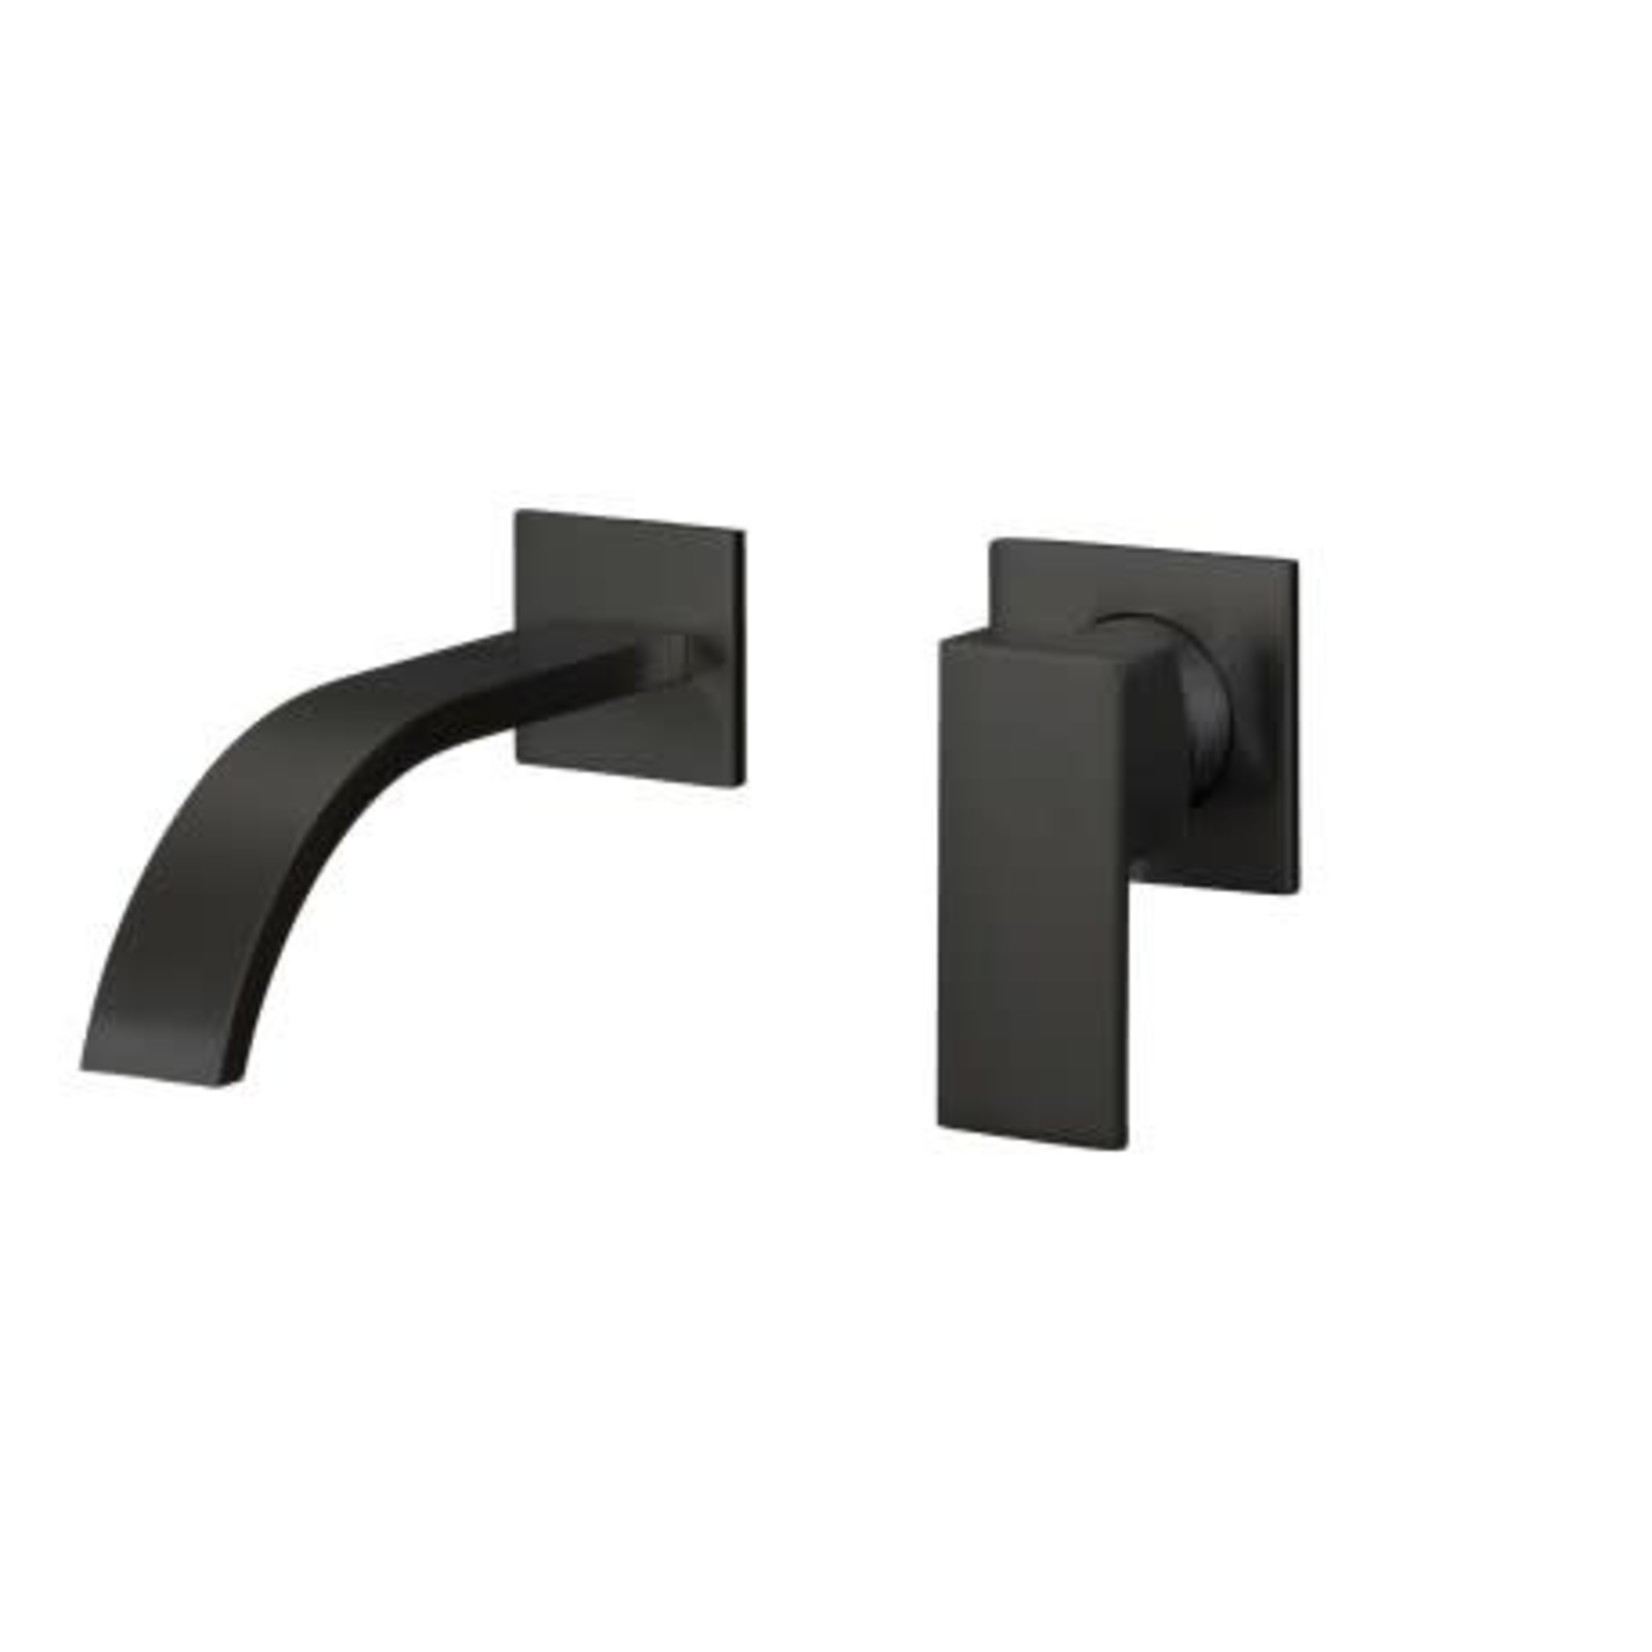 Matte Black Wall Mounted Lavatory Faucet 607b